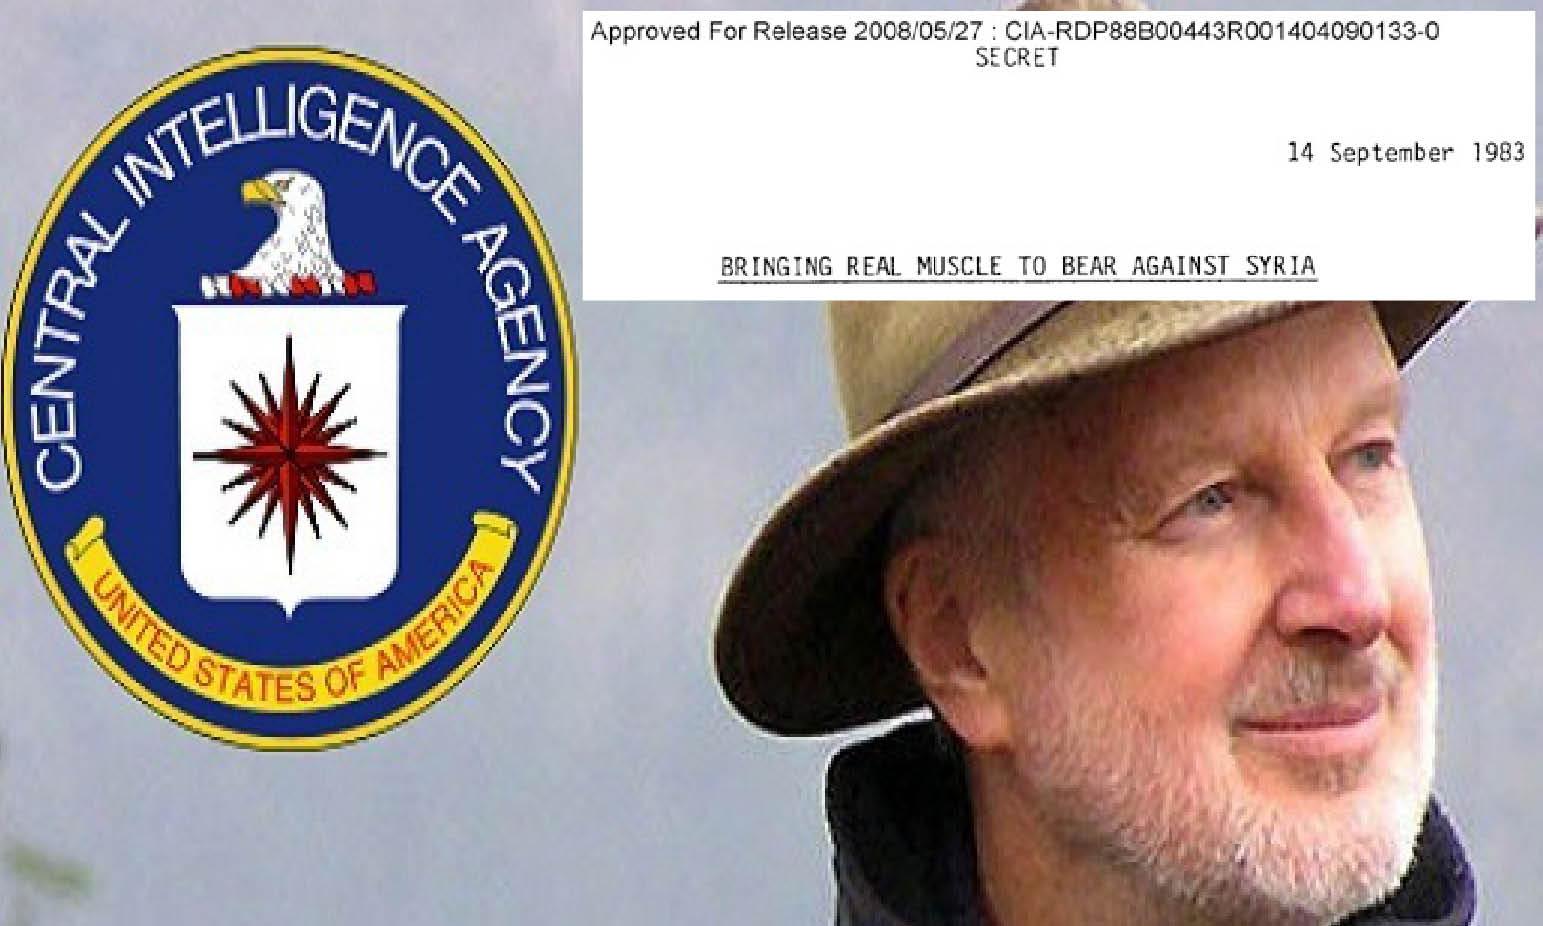 Siria 10 anni dopo. CIA TOP SECRET FILE: guerra USA pianificata dal 1983